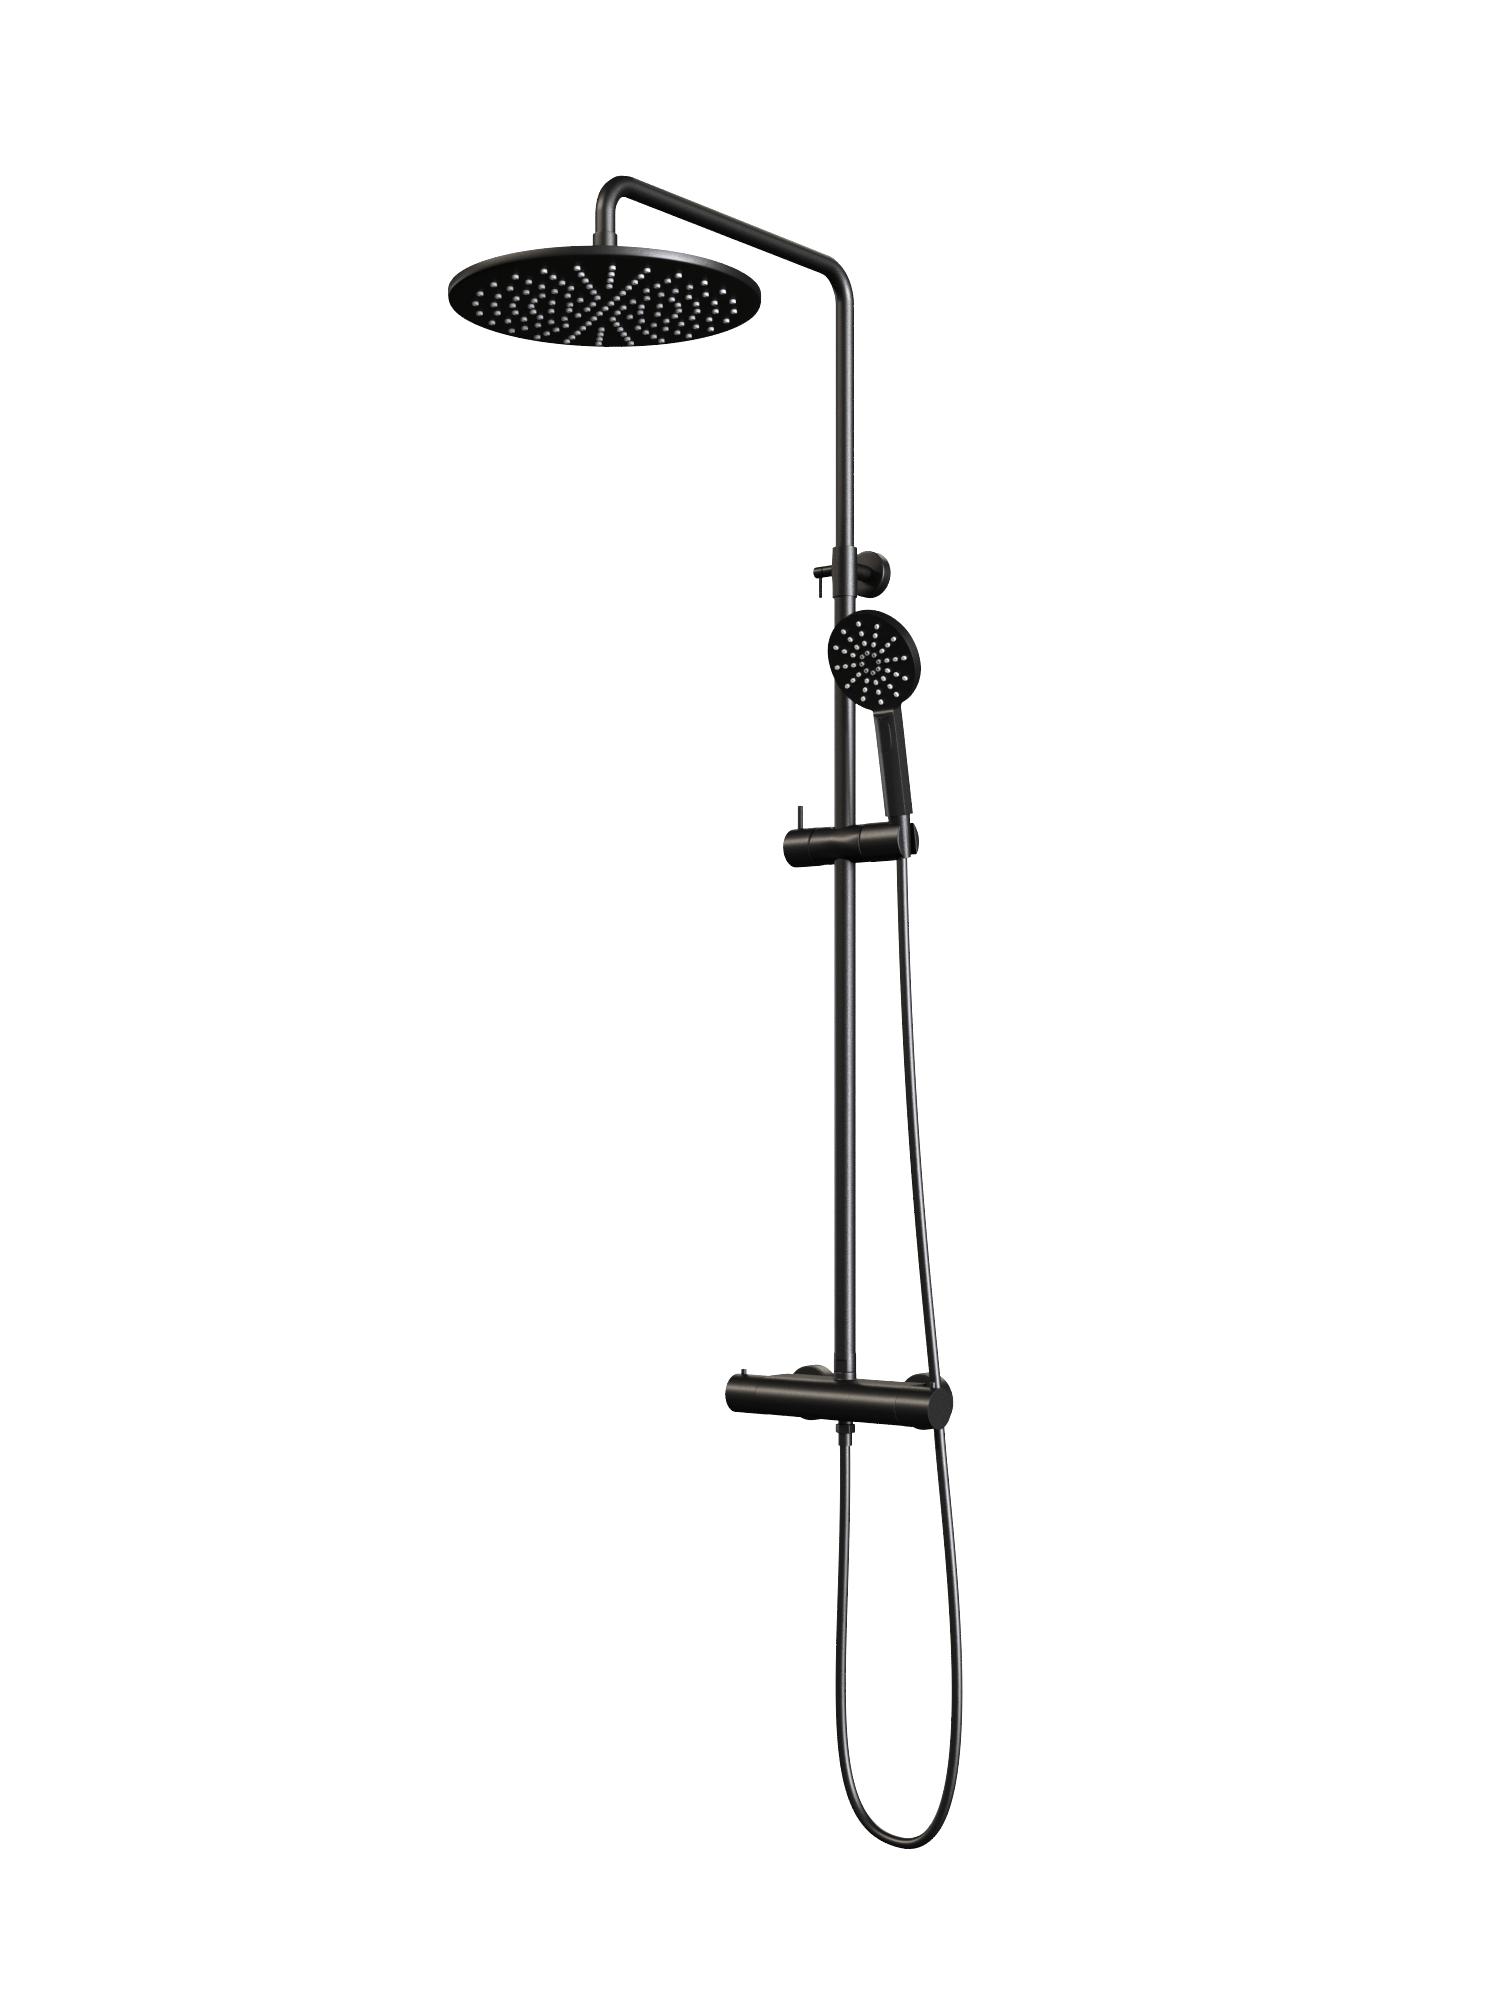 Regendouche Brauer Black Showerpipe met Thermostaat 30cm 3 Standen Mat Zwart Kranen > Regendouche > Opbouw Regendouche snel en voordelig in huis